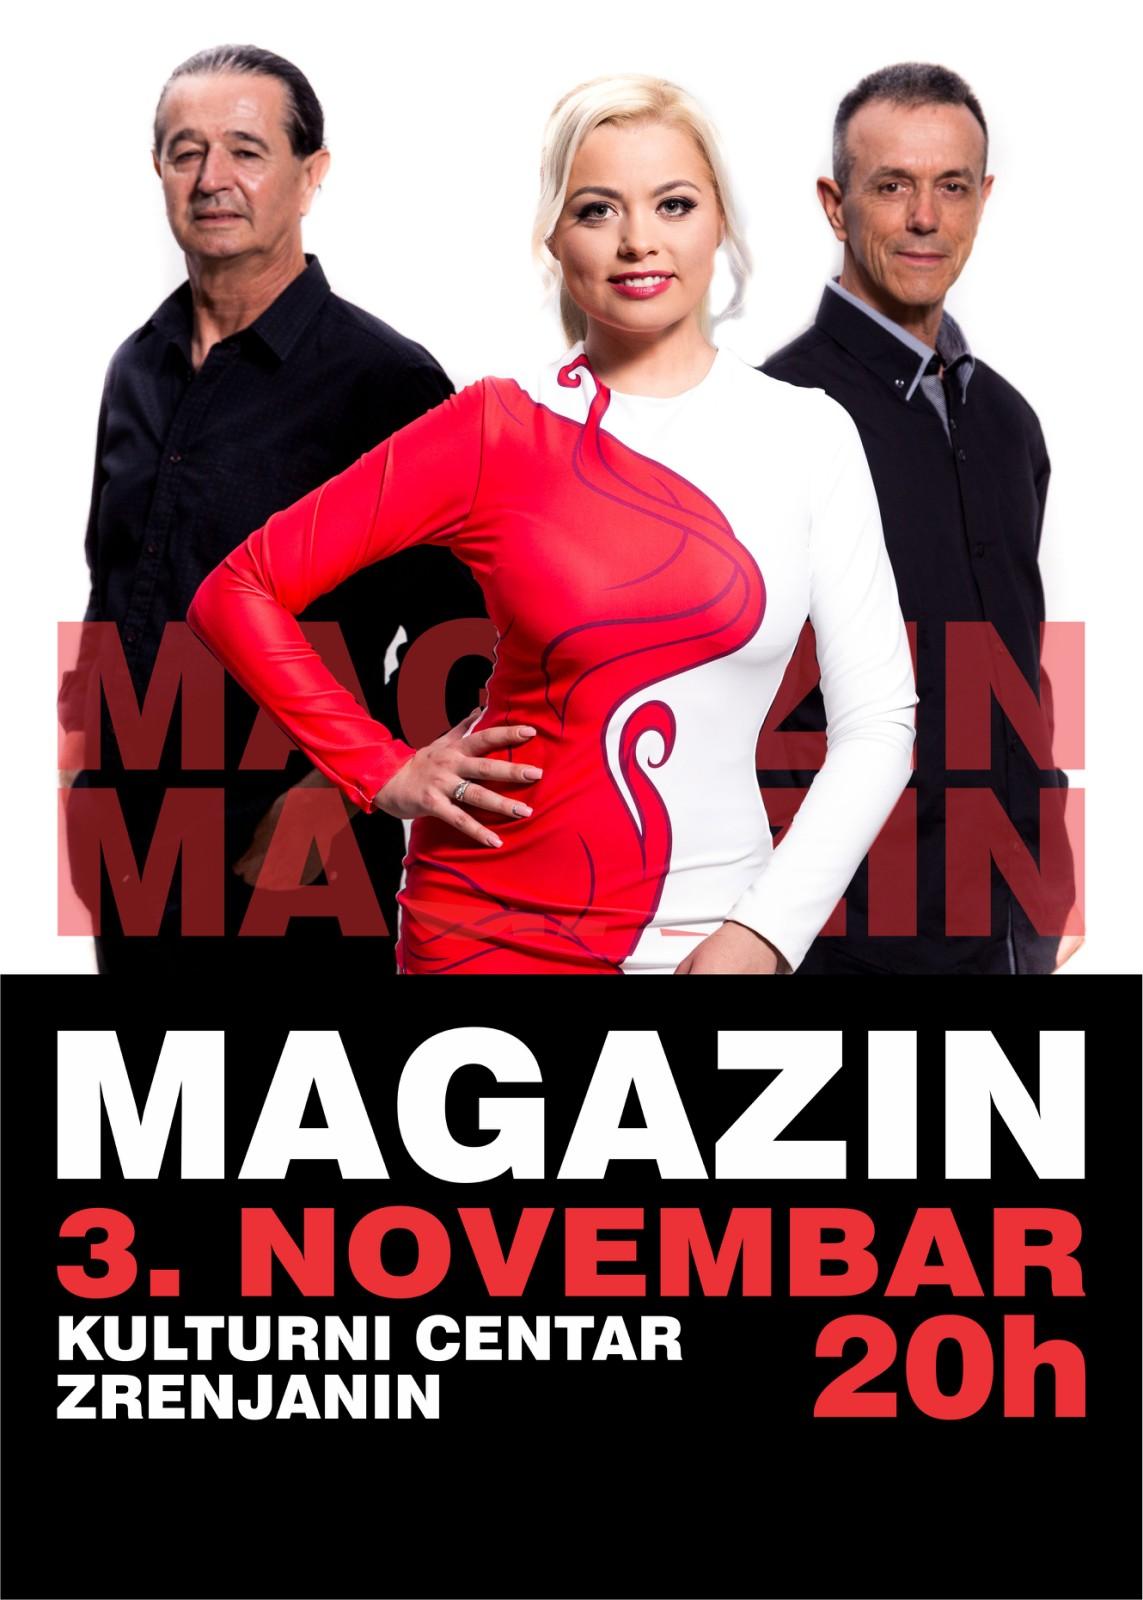 plakat - grupa Magazin